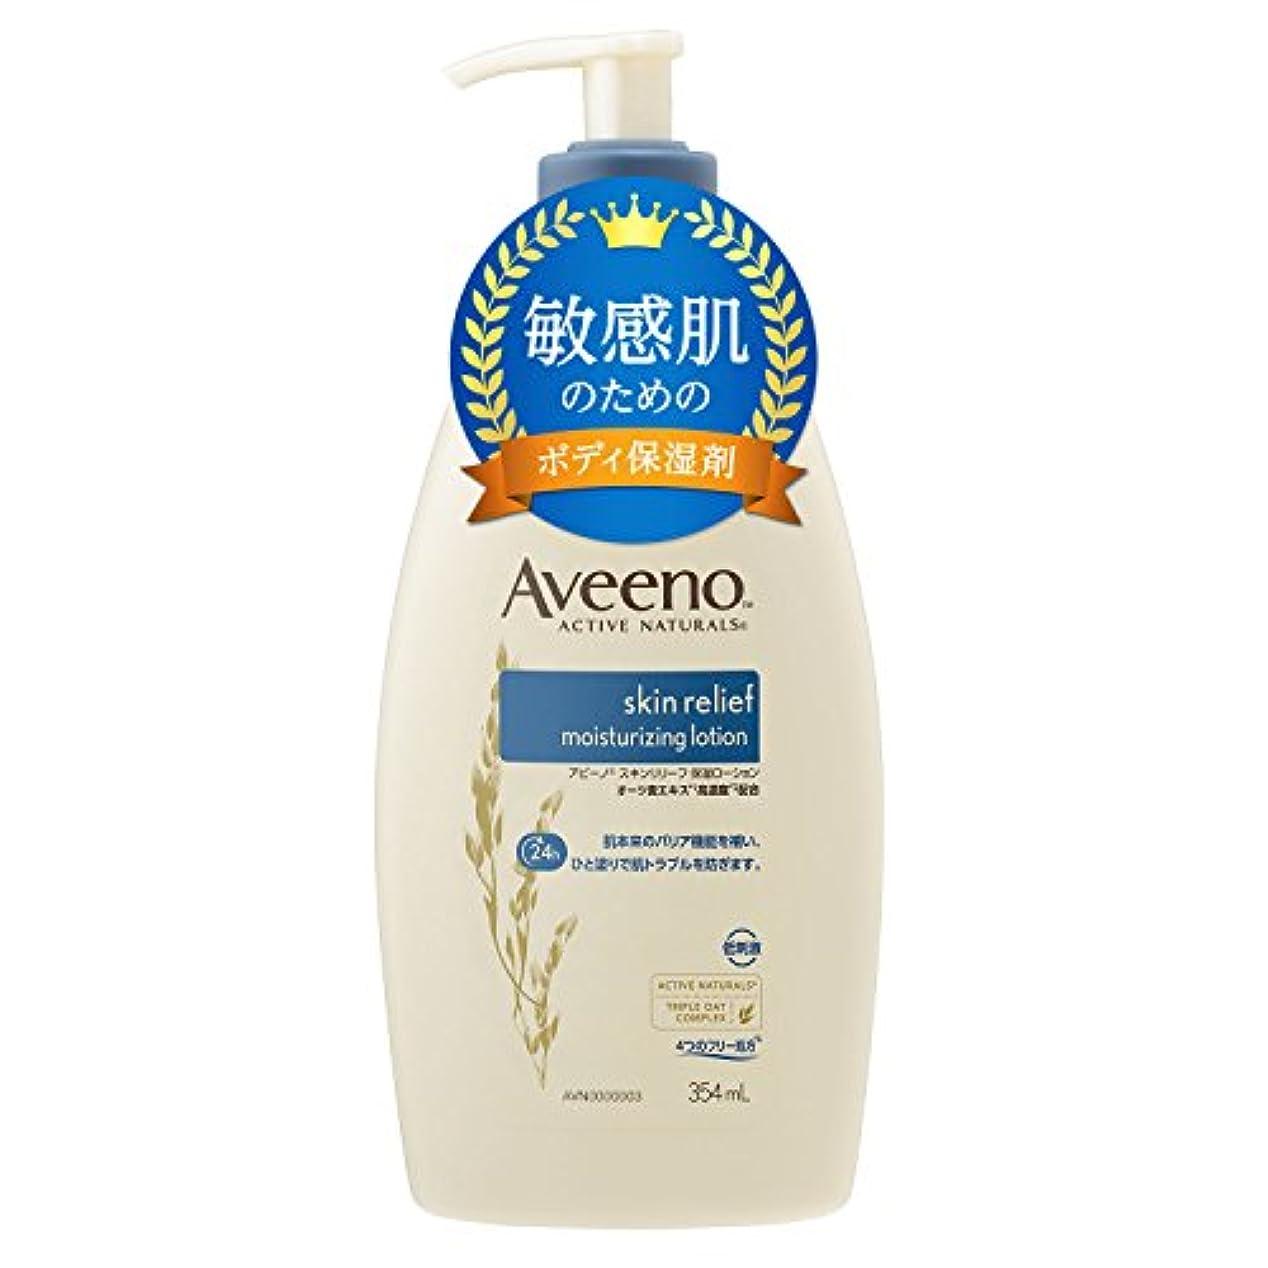 プライバシー火テント【Amazon.co.jp限定】Aveeno(アビーノ) スキンリリーフ 保湿ローション 354ml 【極度の乾燥肌、敏感肌の方向け】